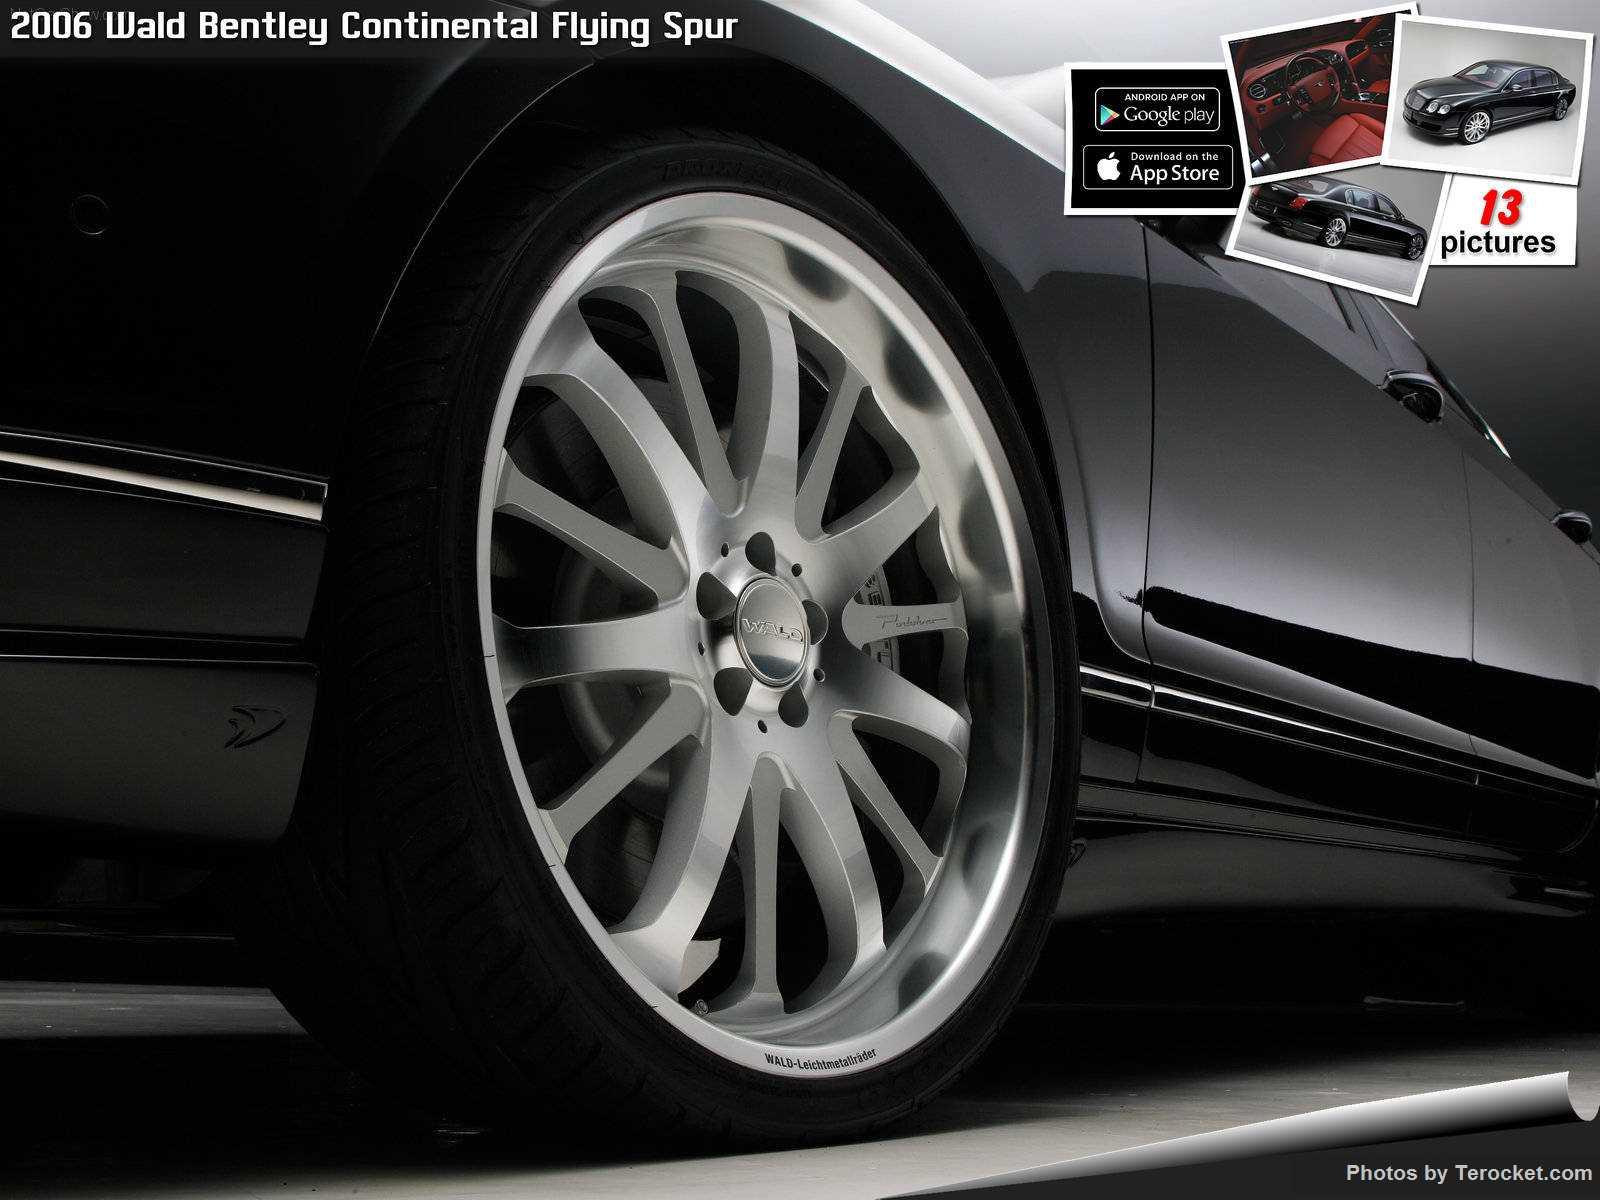 Hình ảnh xe độ Wald Bentley Continental Flying Spur 2006 & nội ngoại thất